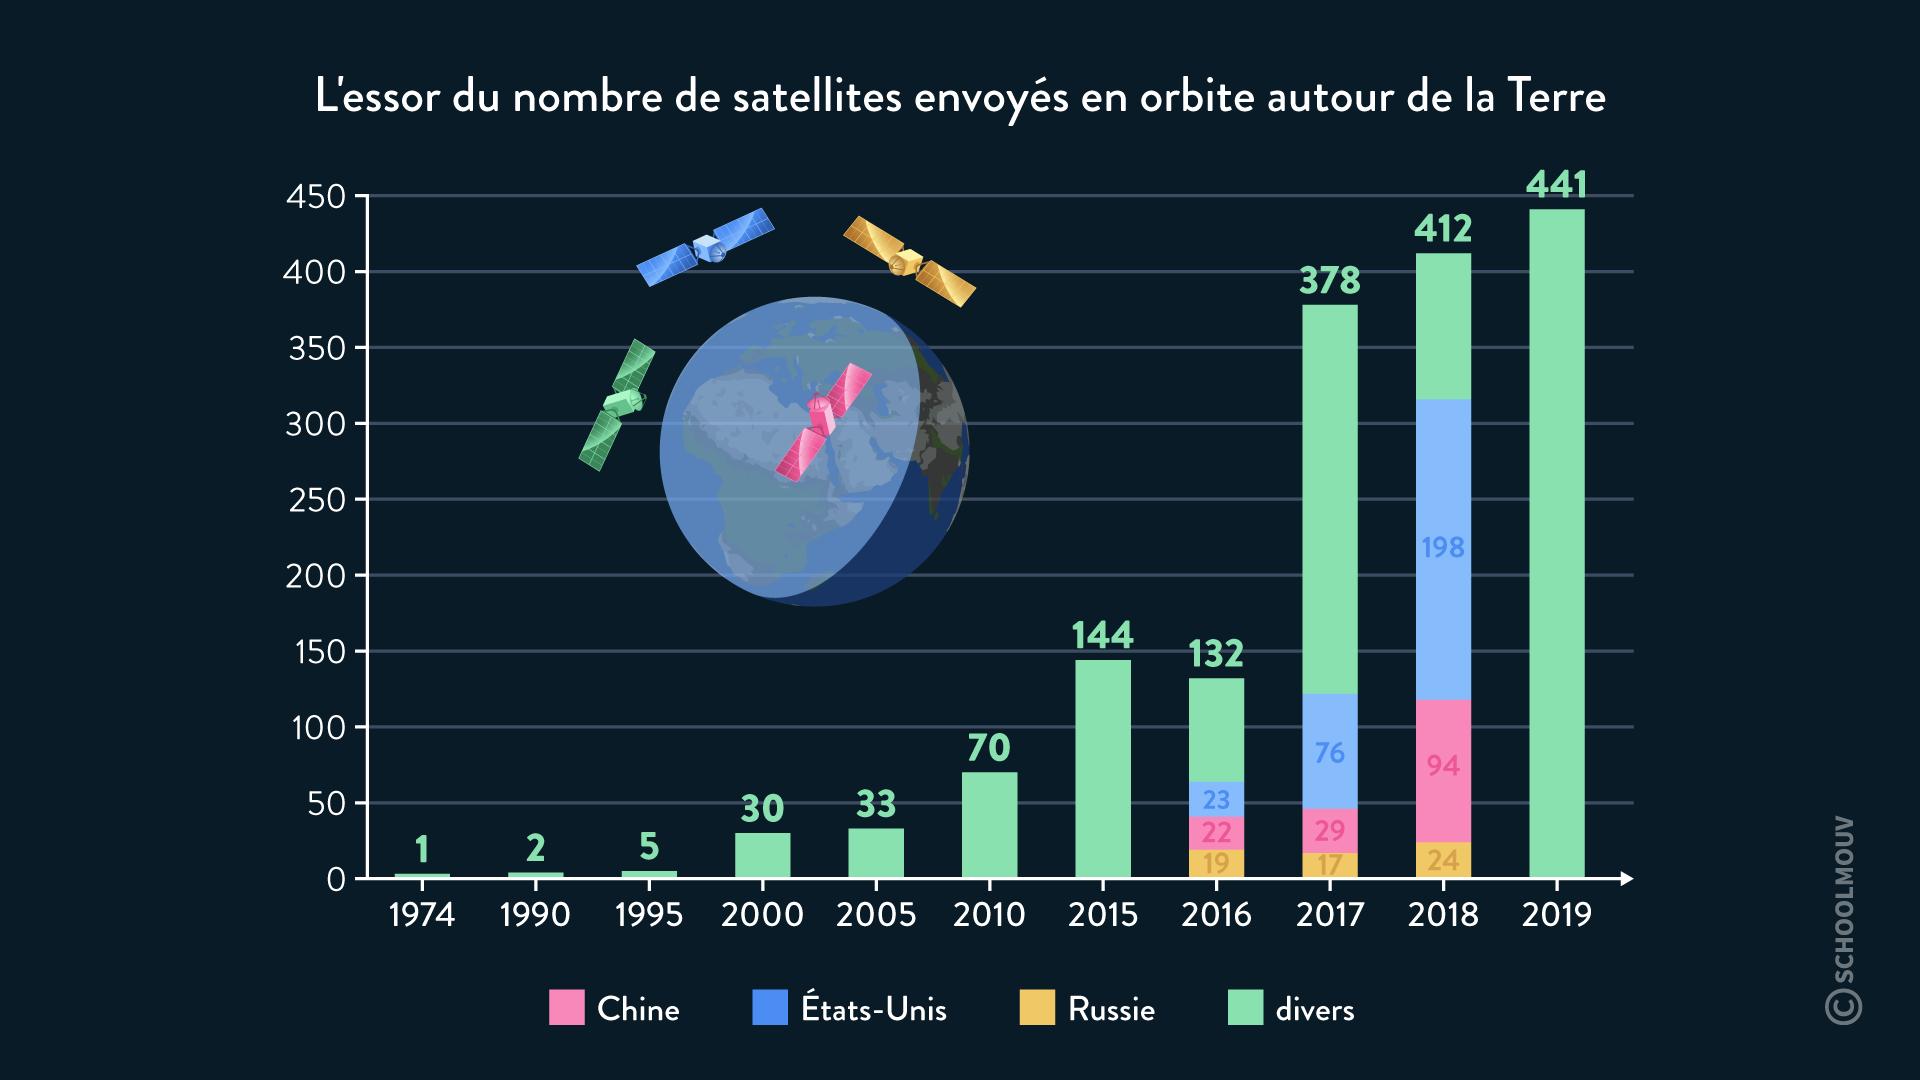 L'essor du nombre de satellite envoyés en orbite autour de la terre conquête de l'espace hggsp histoire géographie géopolitique et sciences politique spécialité terminale